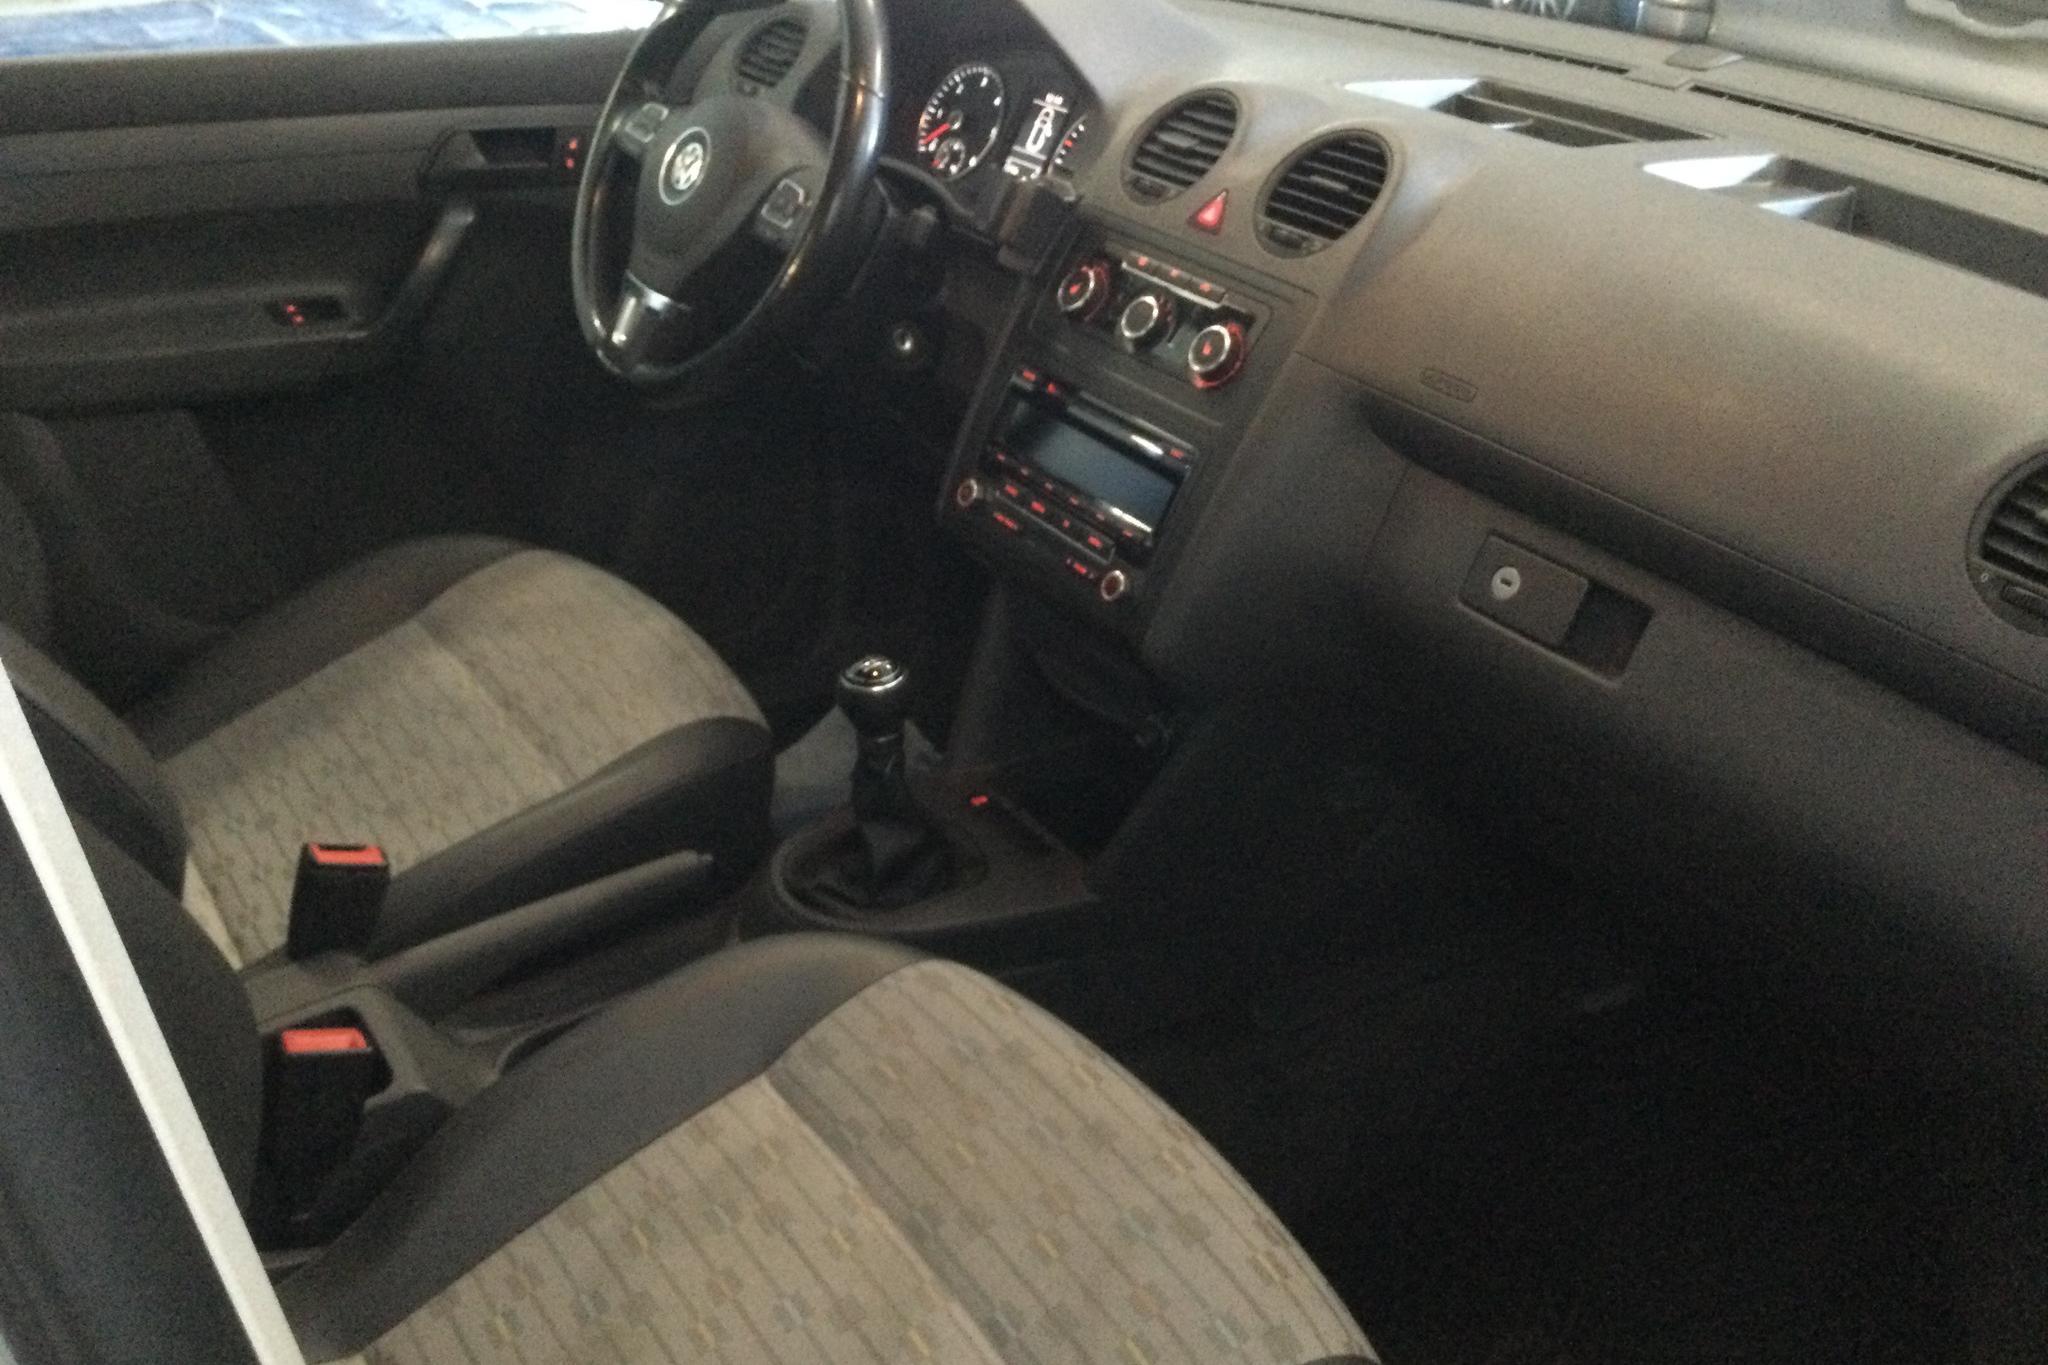 VW Caddy 2.0 TDI Maxi Skåp 4-motion (110hk) - 72 800 km - Manual - white - 2012